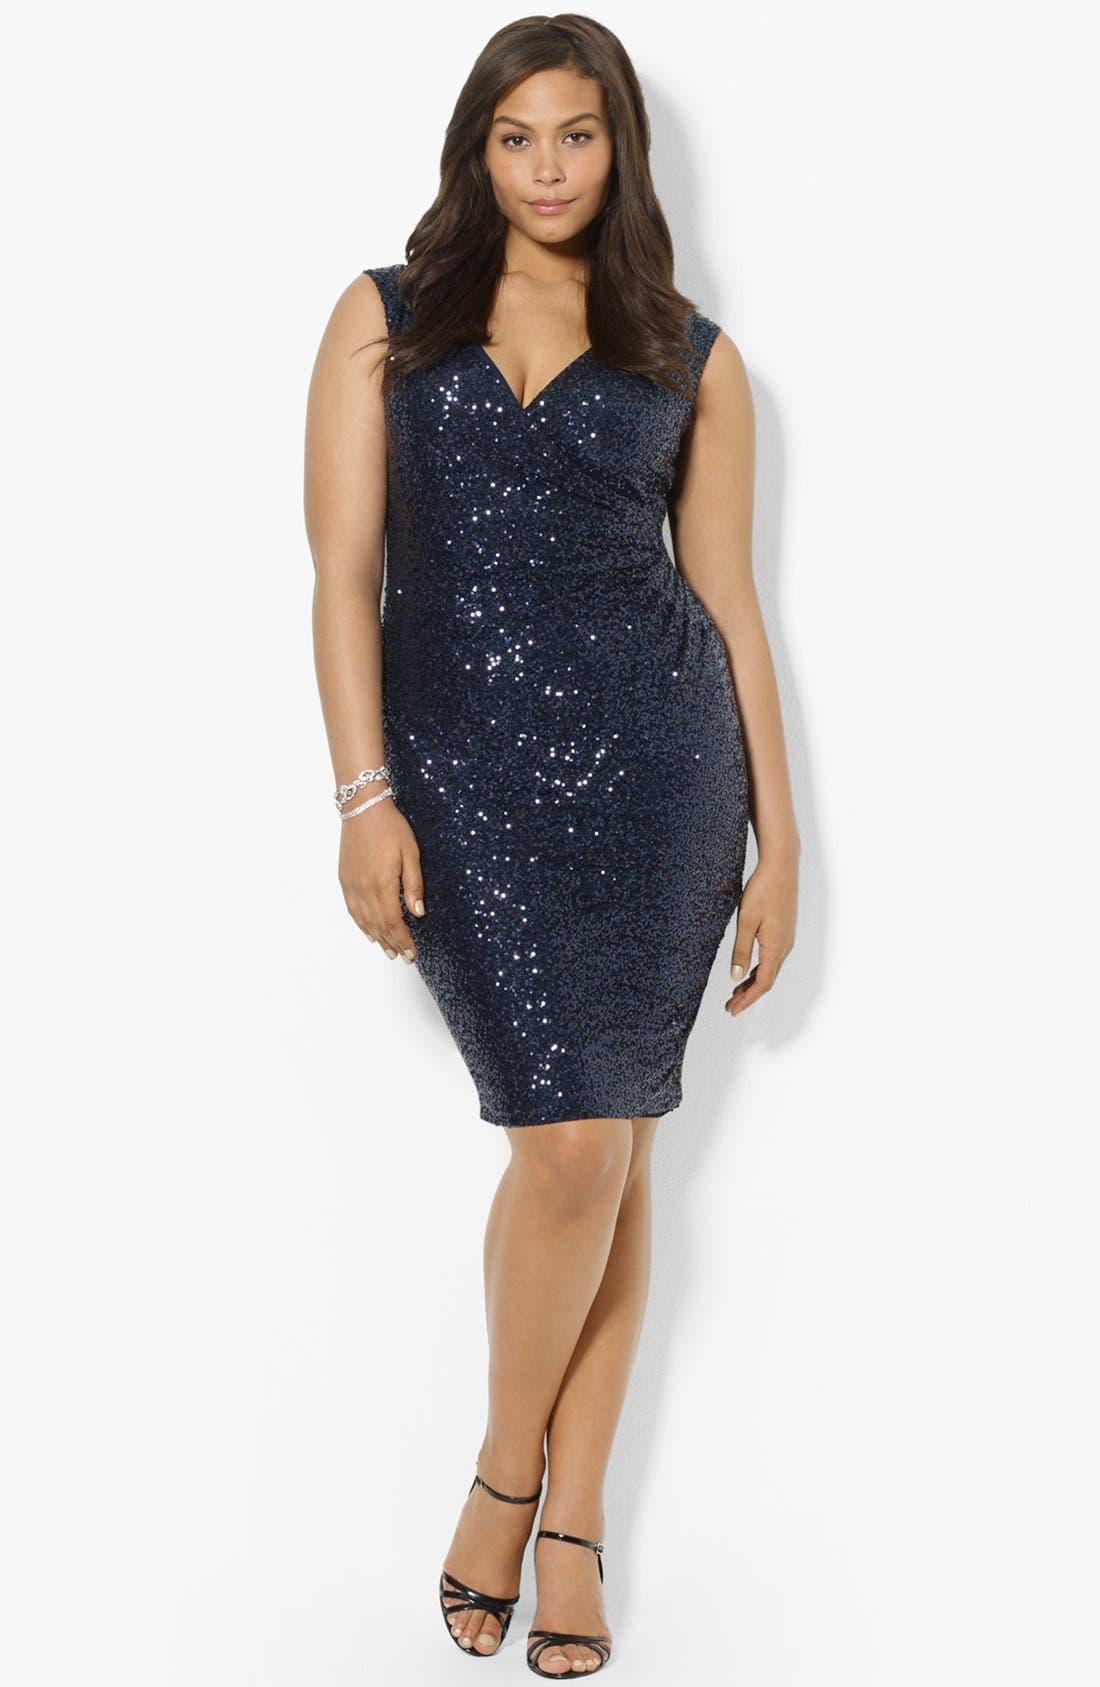 Alternate Image 1 Selected - Lauren Ralph Lauren Sequin Sheath Dress (Plus Size)